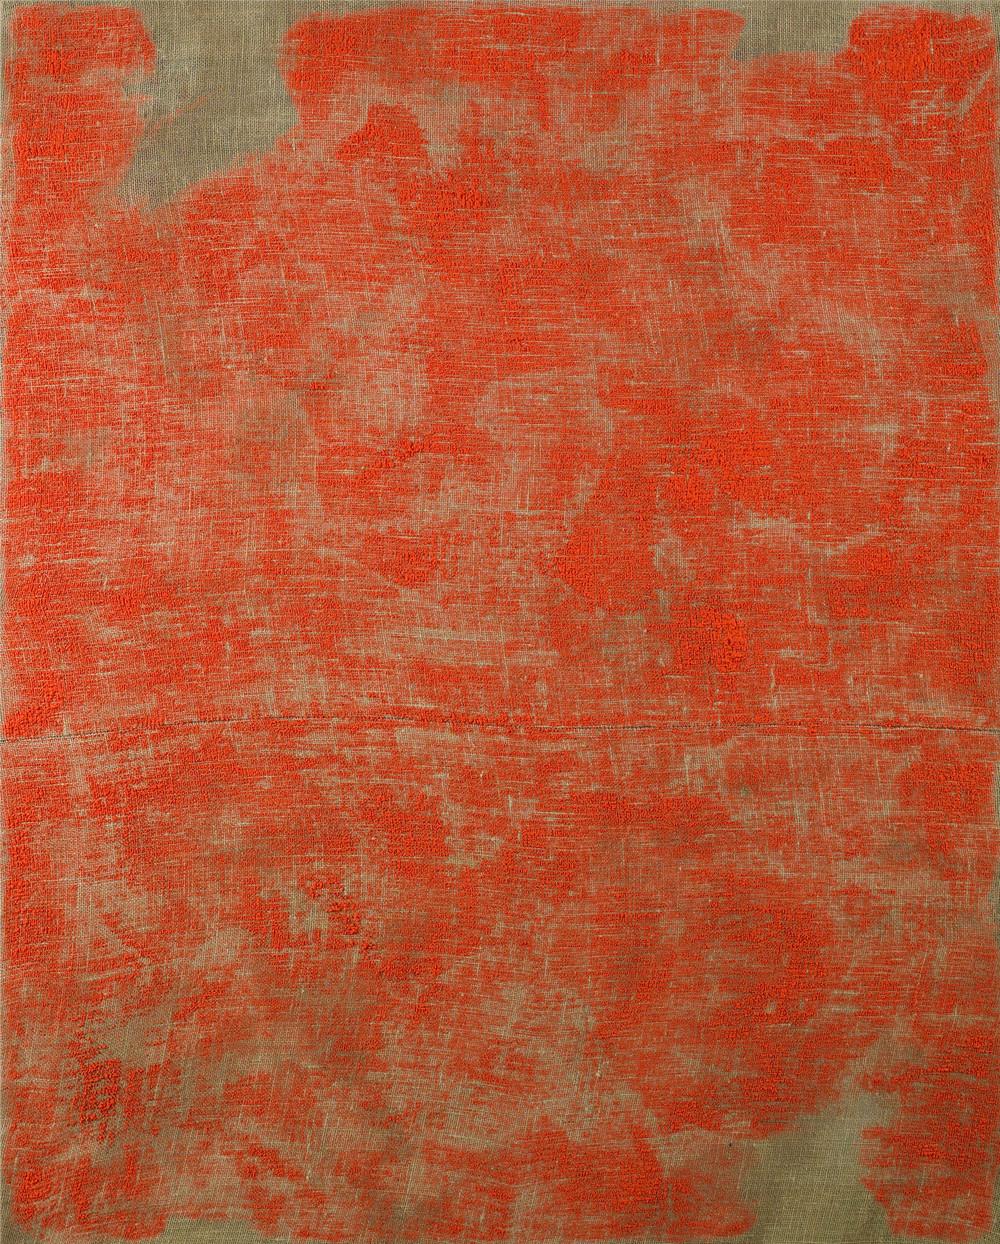 Porosity (Brushed II), 2014, acrylic on burlap, 60 x 48 inches